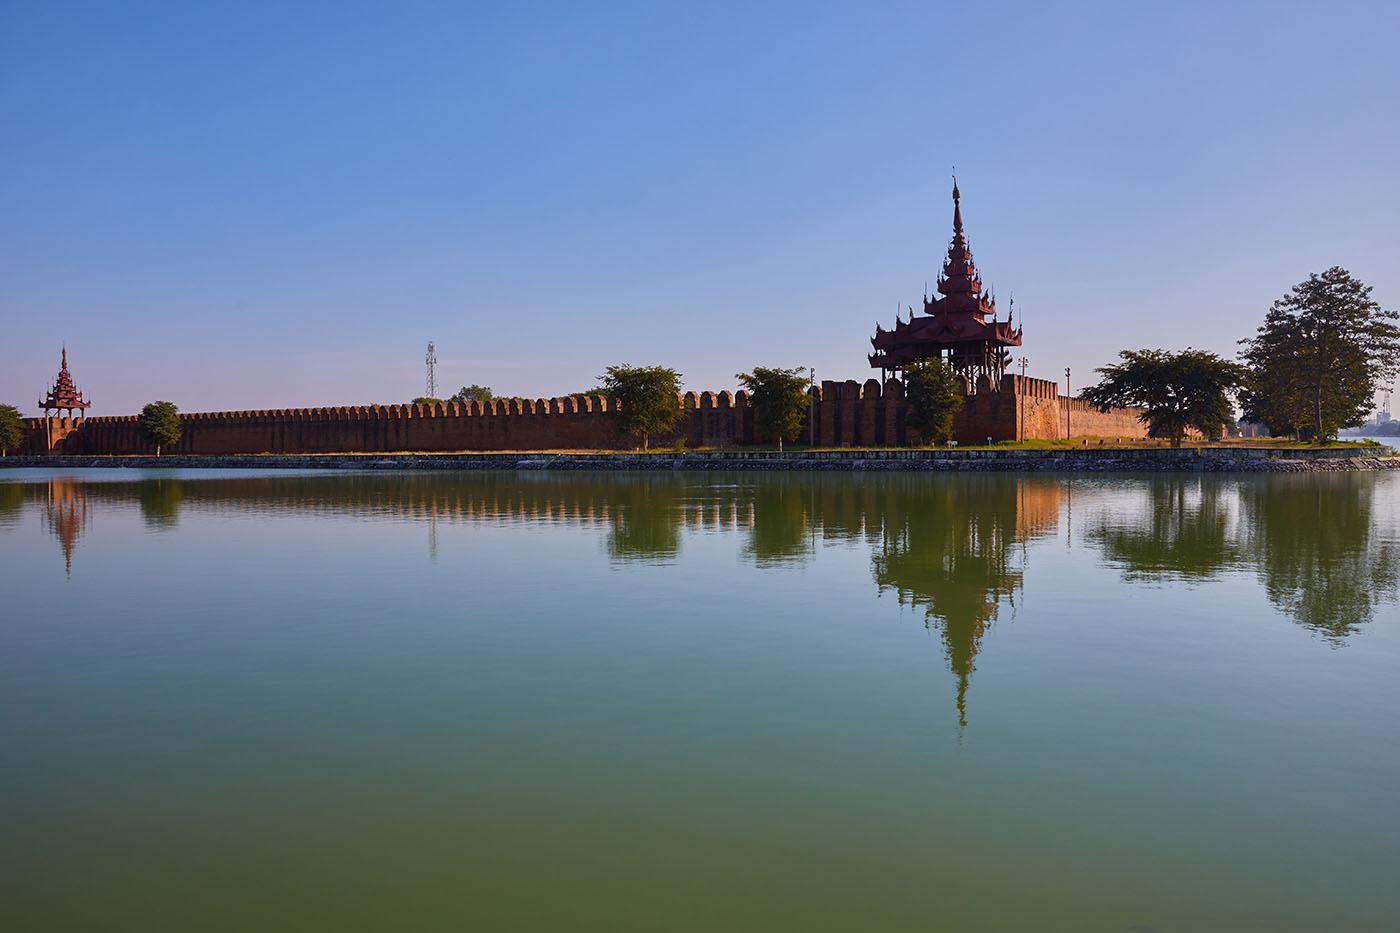 The moat and walls of Mandalay Palace